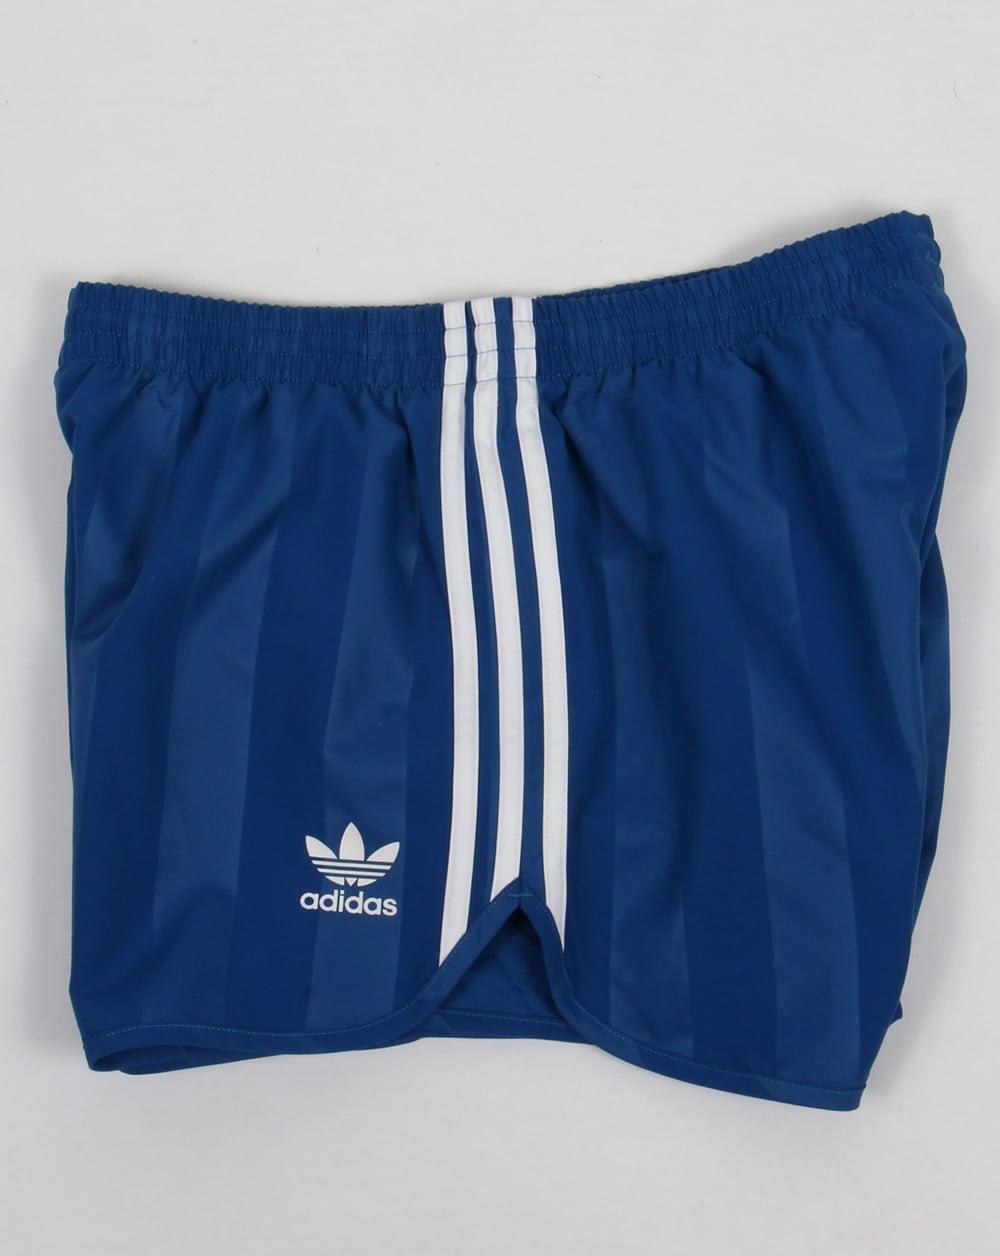 Adidas Originals Retro Shorts In Blue Cf5303   Retro shorts